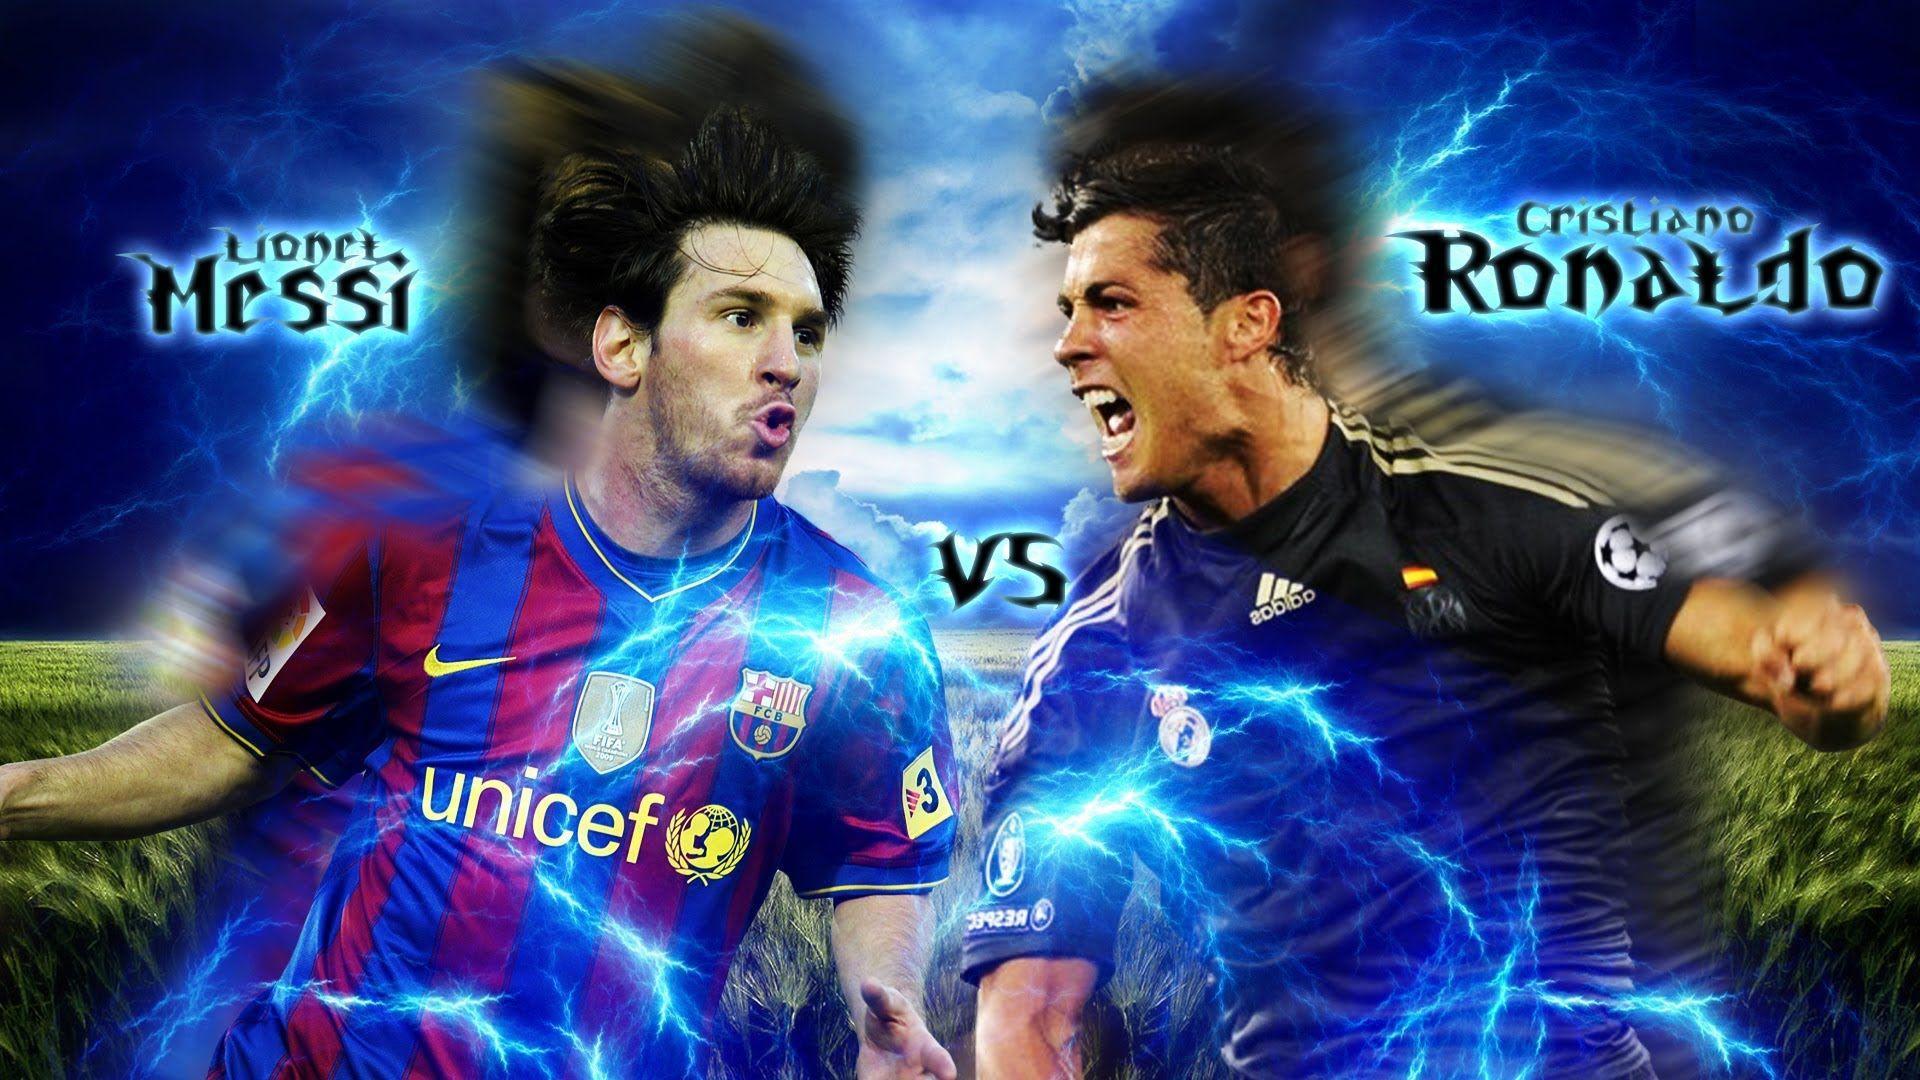 Cristiano Ronaldo Vs Lionel Messi Wallpapers Wallpaper Cave